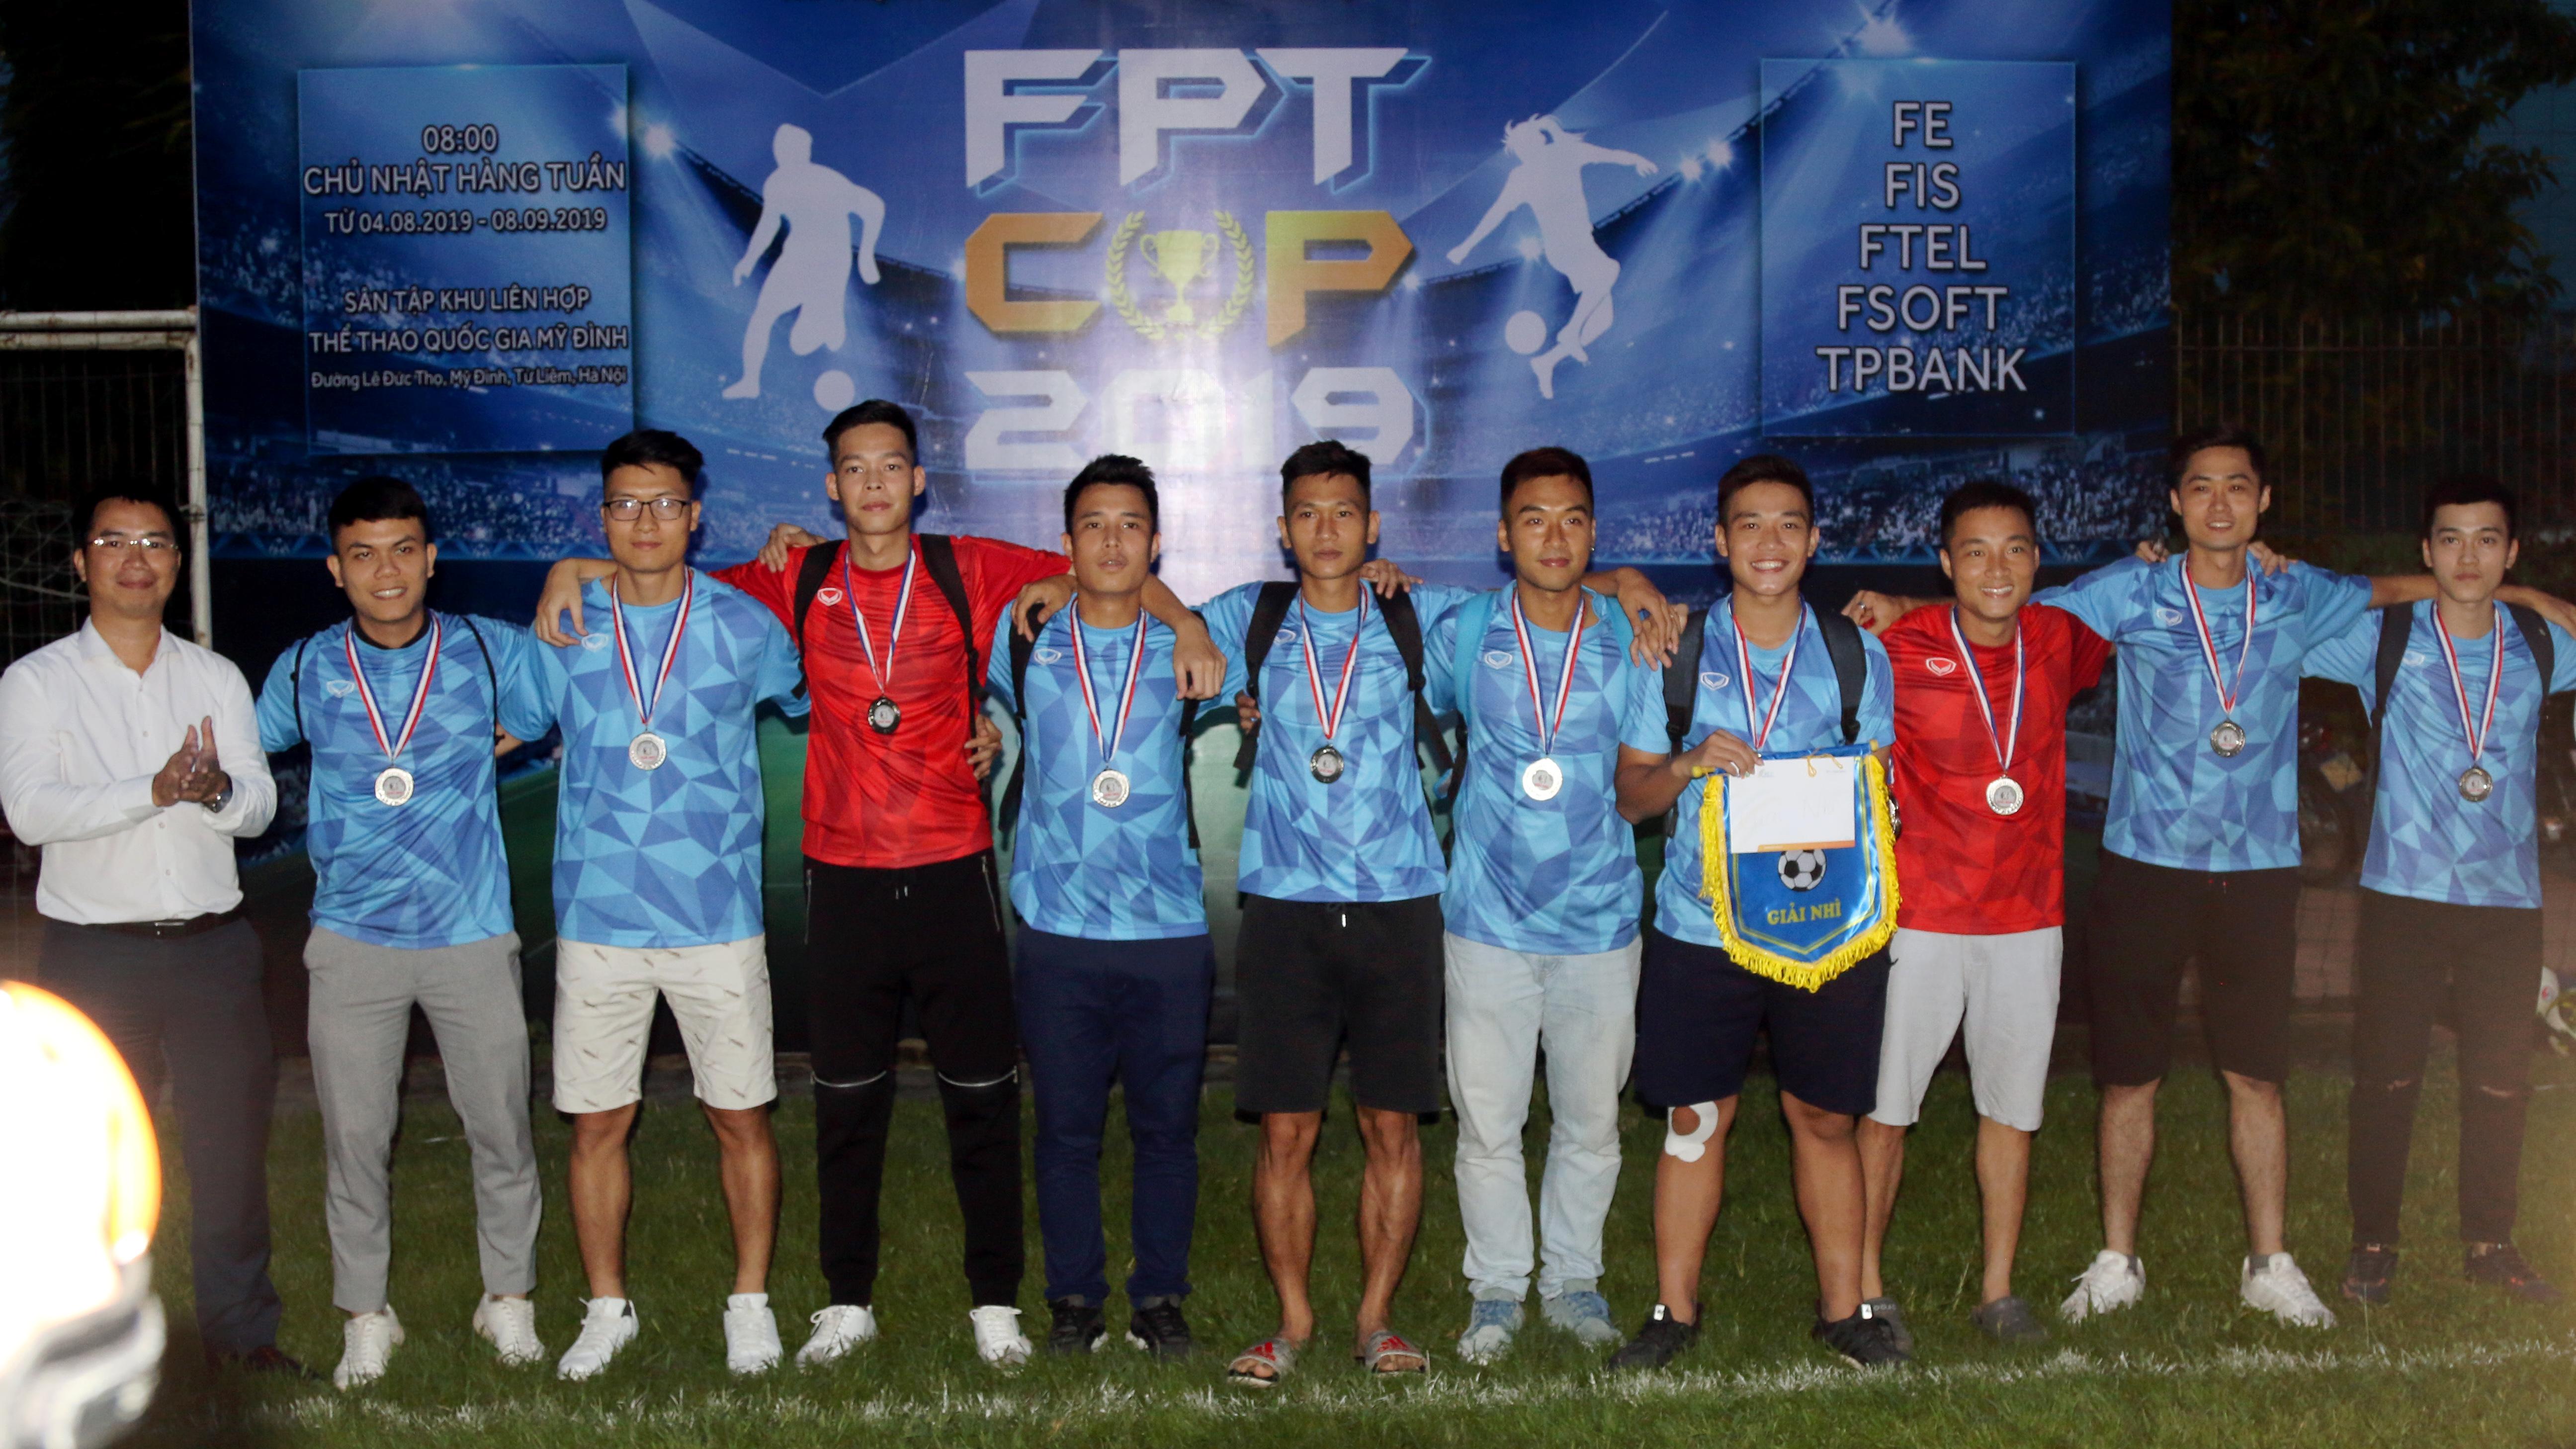 Đội FPT IS có phong độ duy trì khá ổn định khi không để thua trận nào. Tuy nhiên, các cầu thủ nhà Hệ thống đã hoàn thành số lượt trận trước vòng bế mạc và phụ thuộc kết quả của FPT Education và FPT Sofware. Việc nhà Phần mềm bảo vệ thành công ngôi vô địch đã để lại sự tiếc nuối cho các cầu thủ nhà Hệ thống. FPT IS giành giải Nhì chung cuộc (phần thưởng gồm cờ lưu niệm, huy chương Bạc và 5 triệu đồng tiền thưởng). Bên cạnh đó, đội cổ vũ và sự quan tâm của lãnh đạo đơn vị cũng là một điểm nhấn khi số lượng cổ động viên luôn áp đảo và thường xuyên có lãnh đạo cấp cao ra sân cổ vũ.